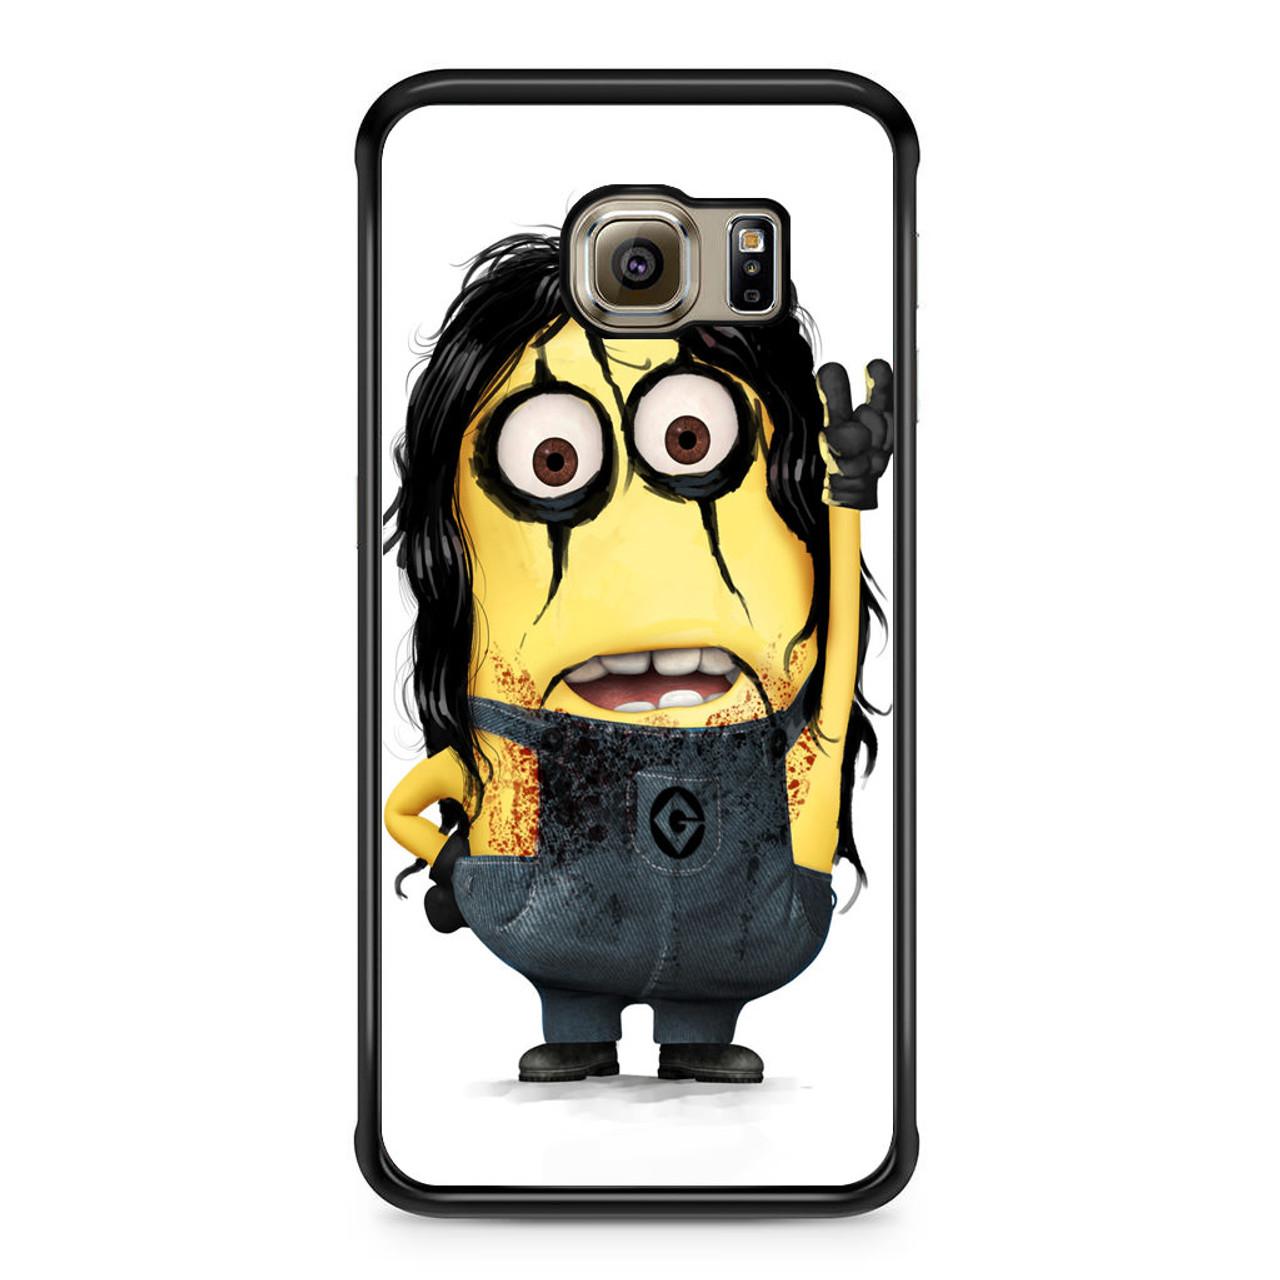 wholesale dealer 50527 8fbdc Alice Cooper Minion Samsung Galaxy S6 Edge Case